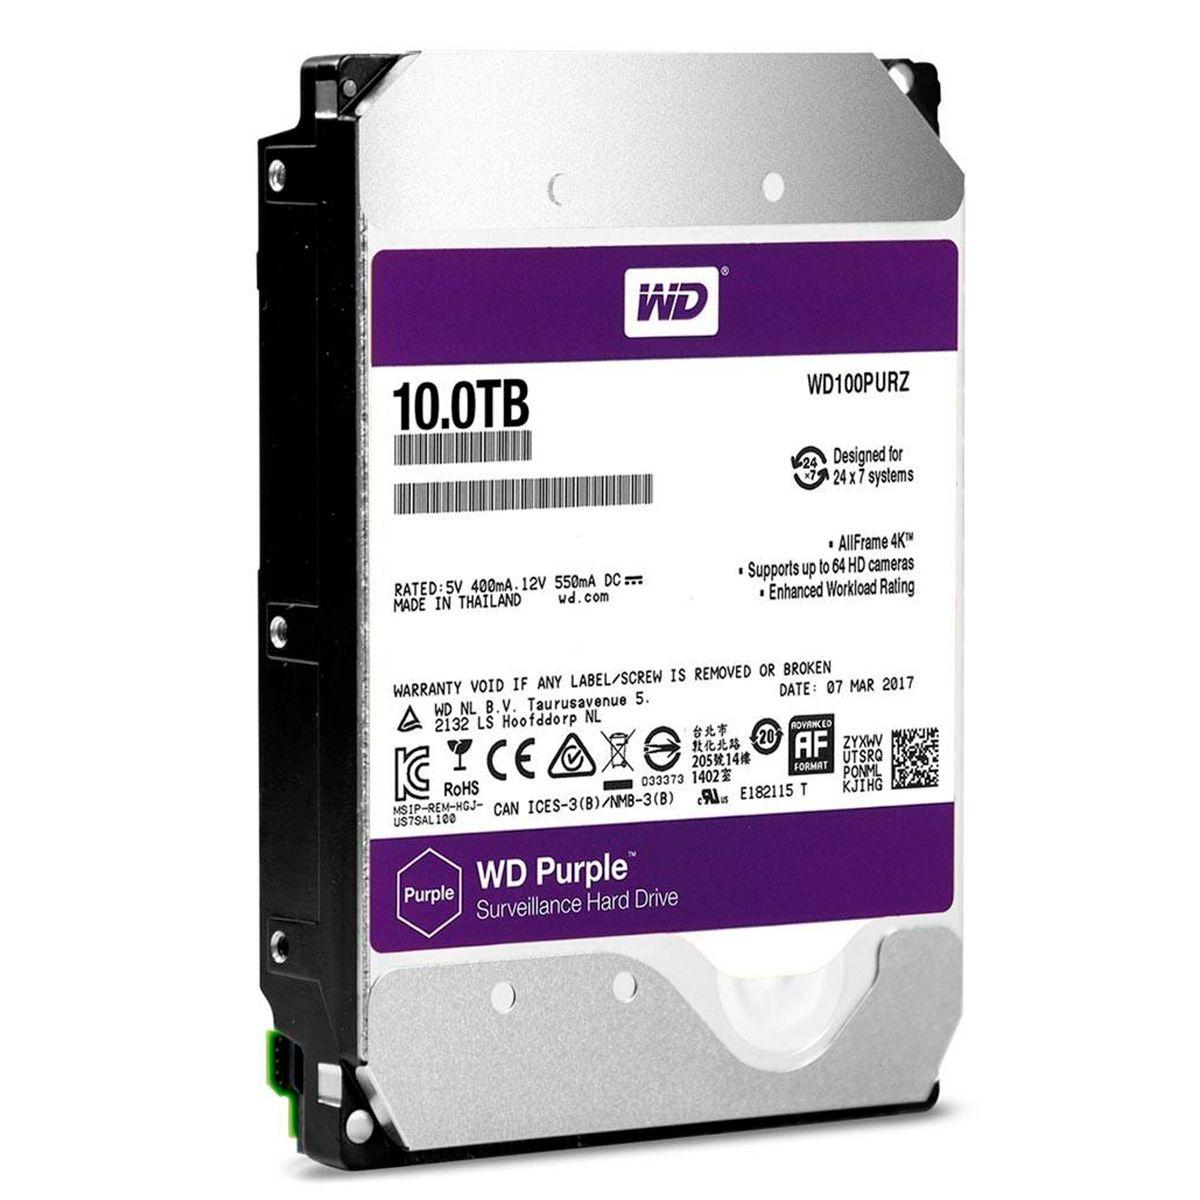 HD Interno WD Purple 10TB Surveillance SATA III 6GB/s 5400 RPM WD100PURZ  - Tudo Forte